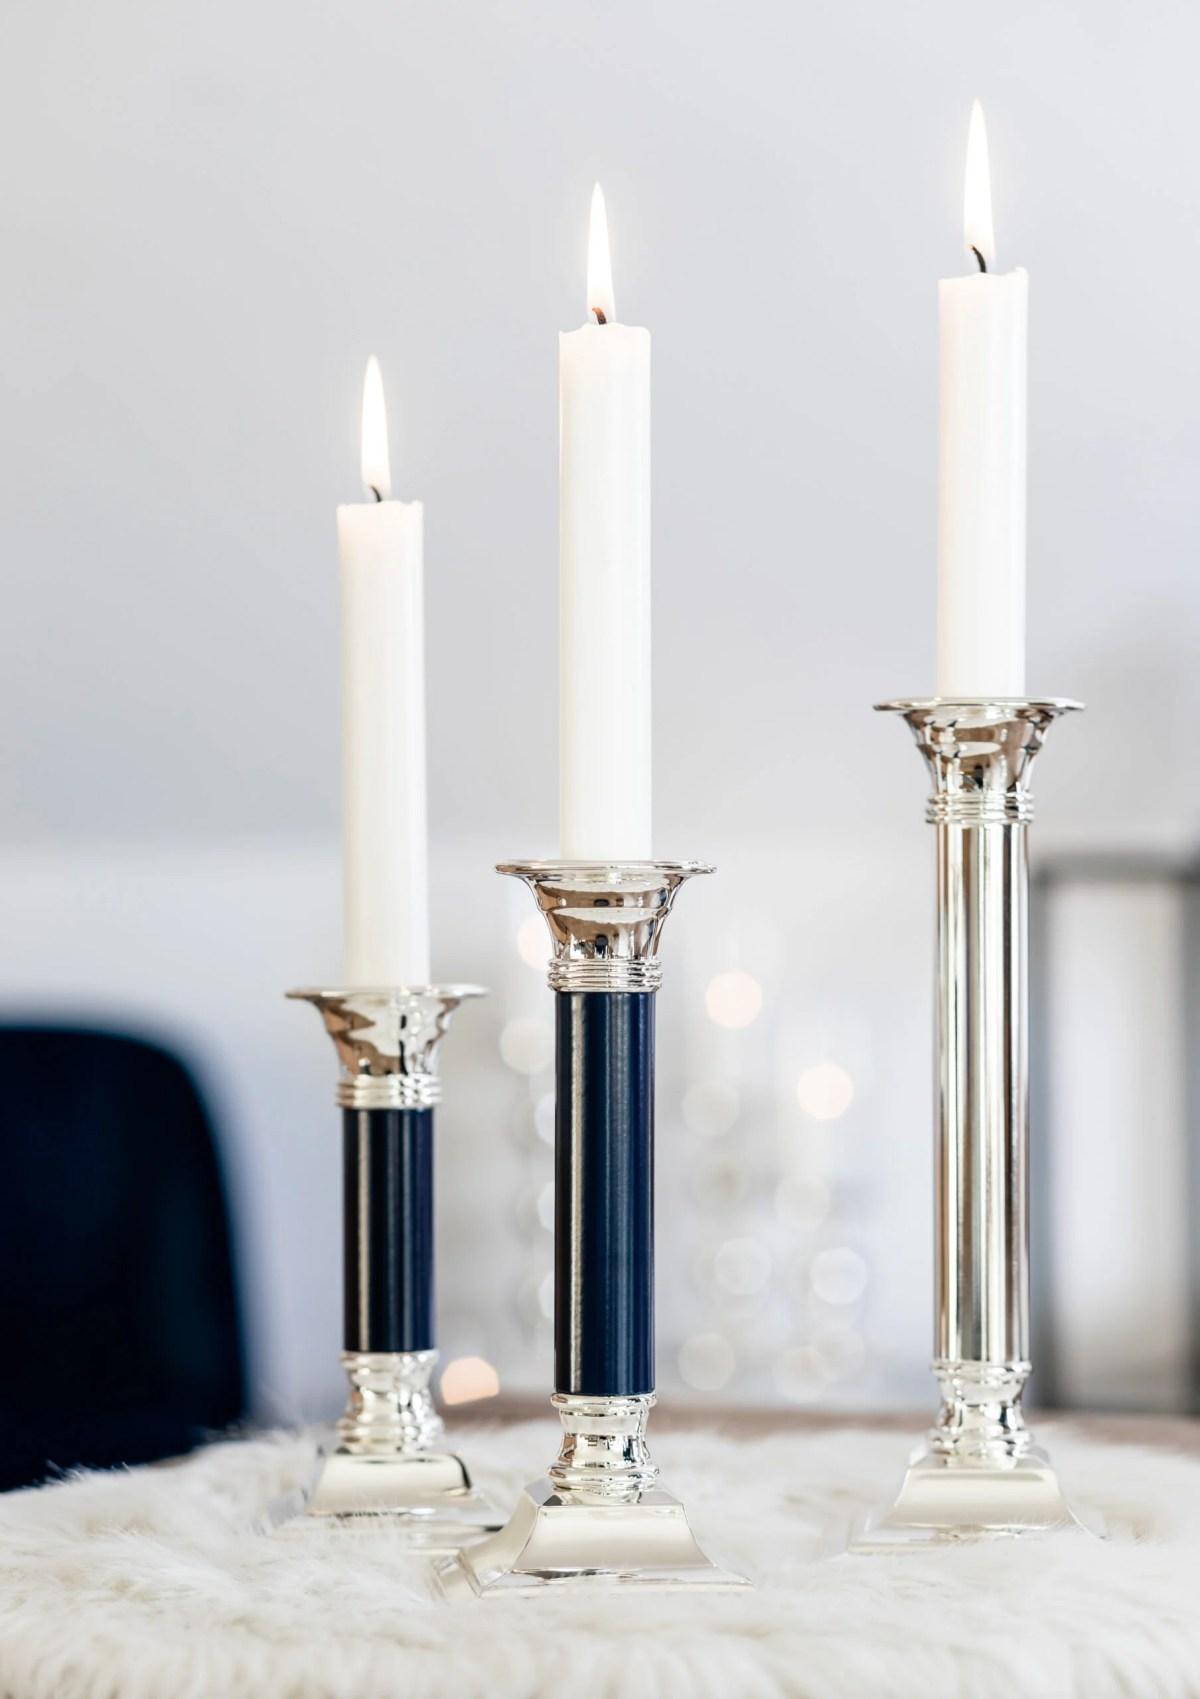 1176 Kerzenleuchter Lincoln Dunkelblau Leder, Höhe 15 cm